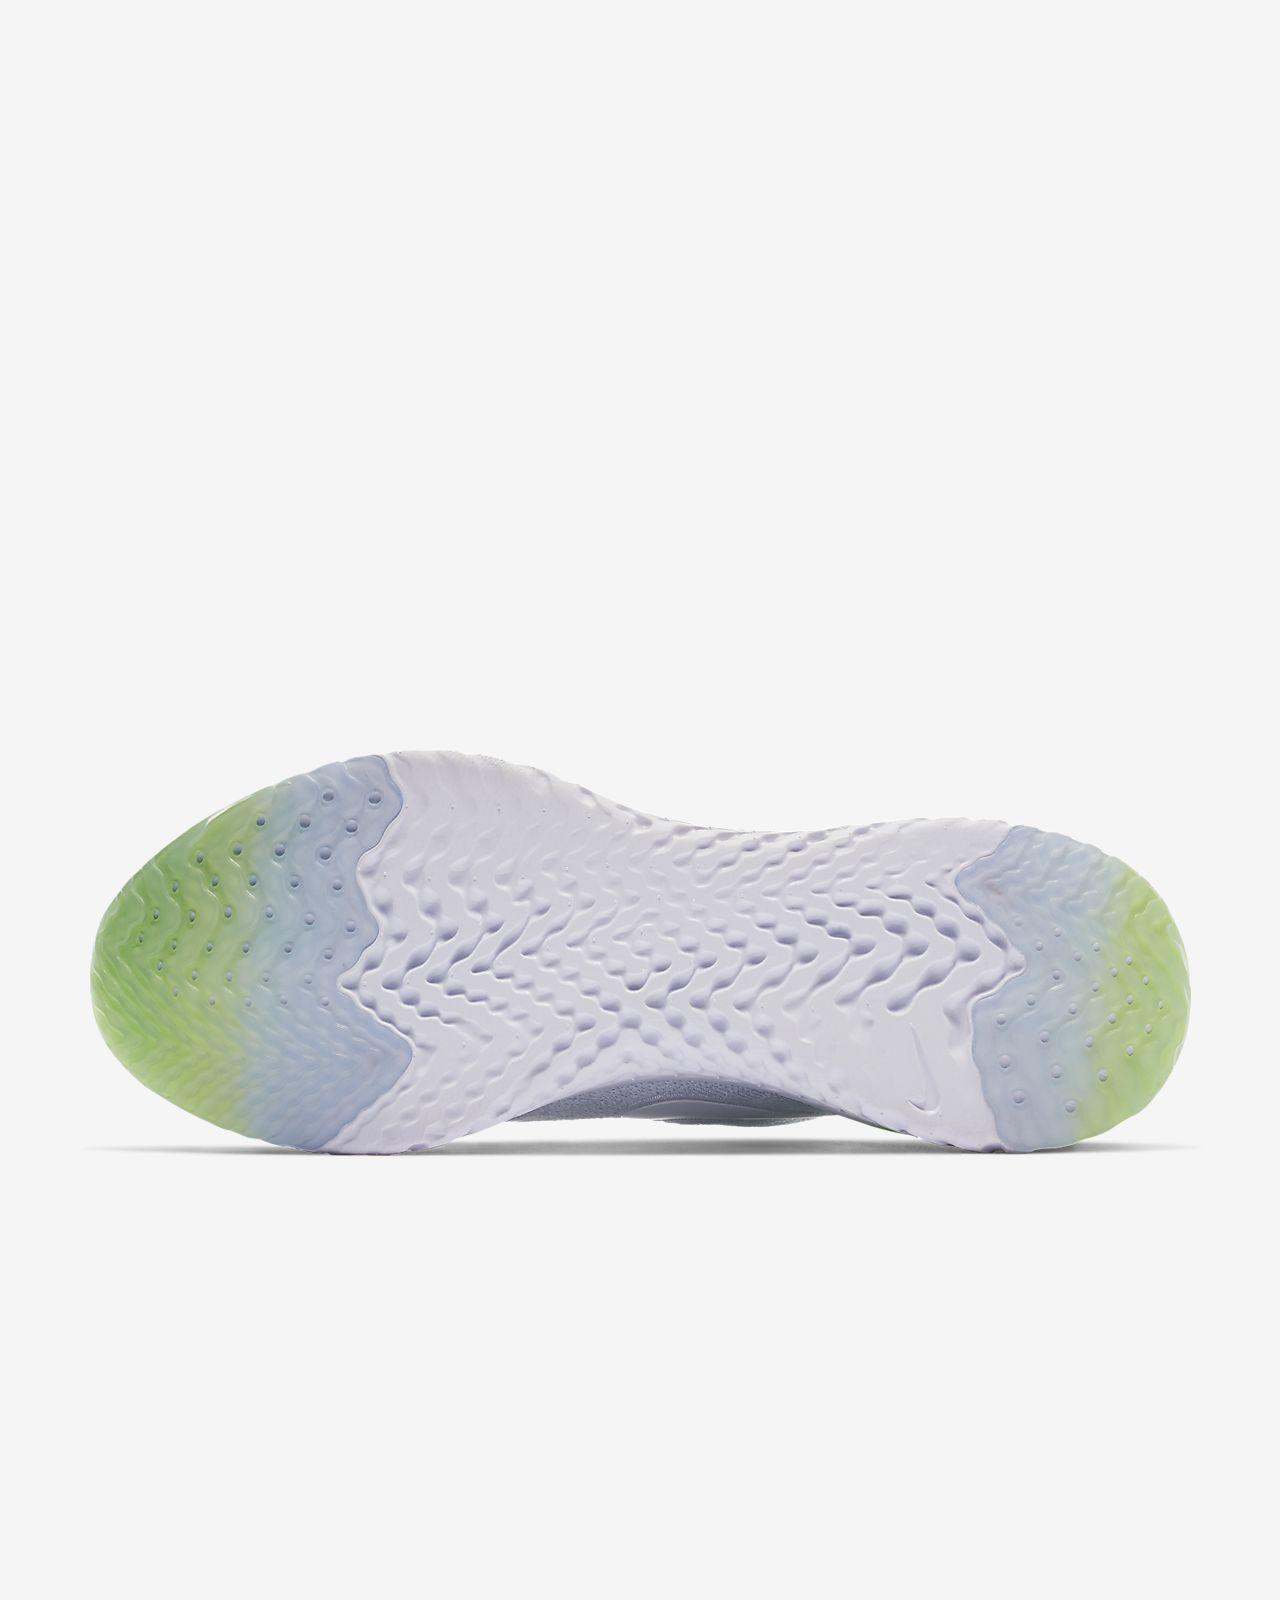 735523d4e722 Nike Epic React Flyknit 2 Men s Running Shoe. Nike.com NO